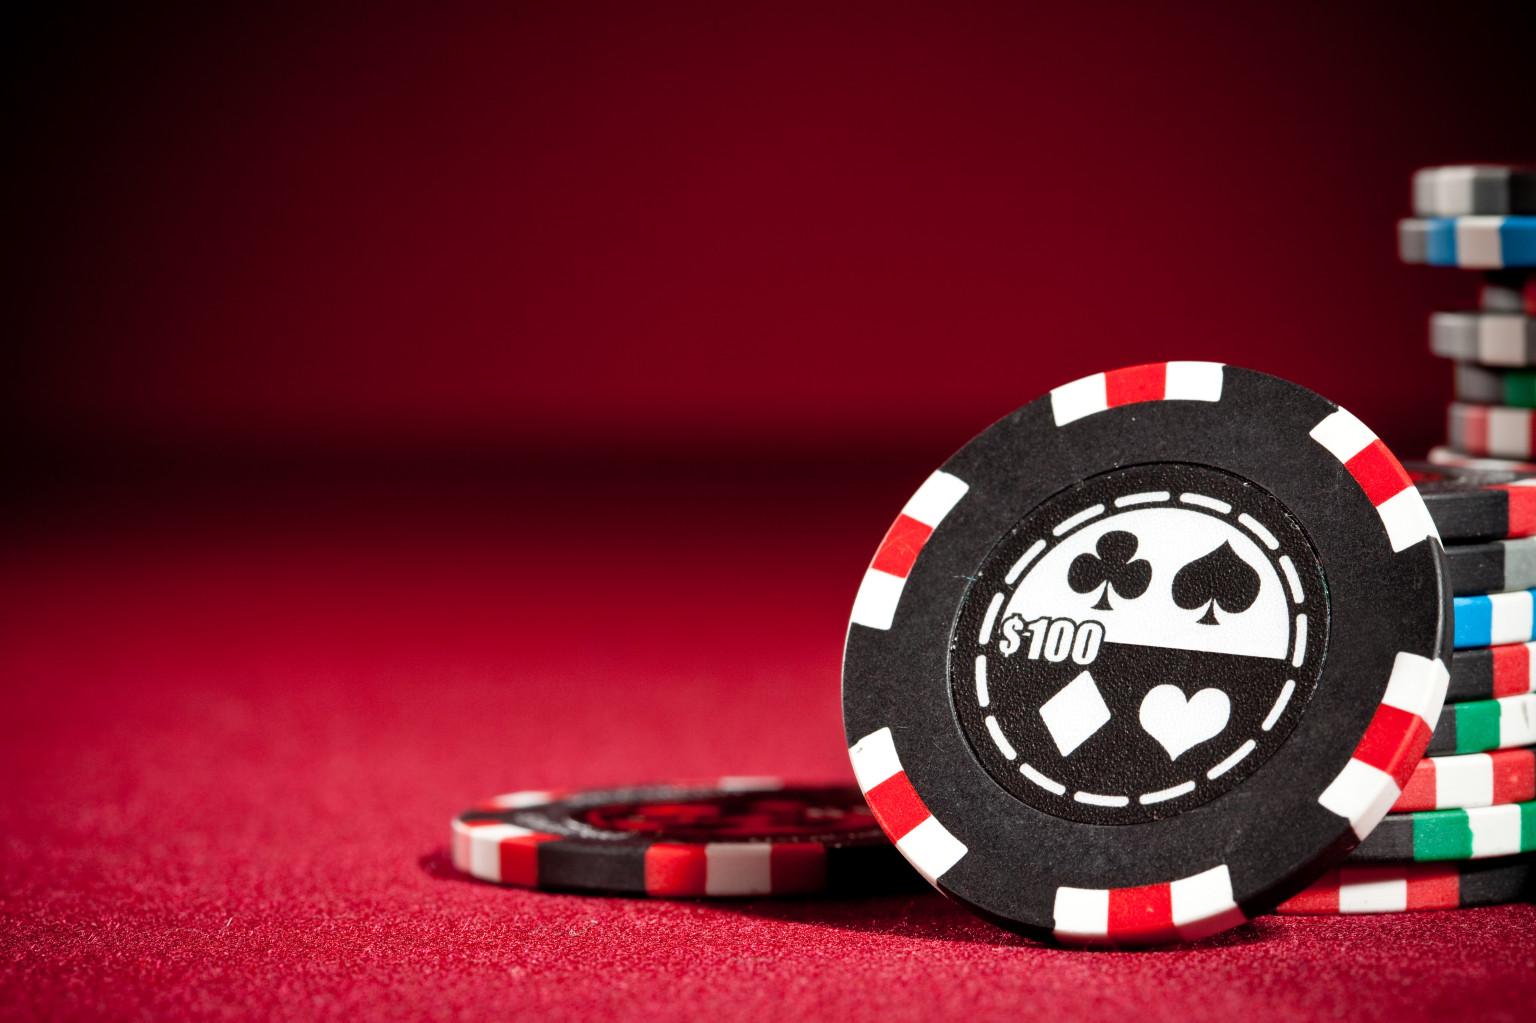 Jeux casino : s'entraîner sur le mode fun